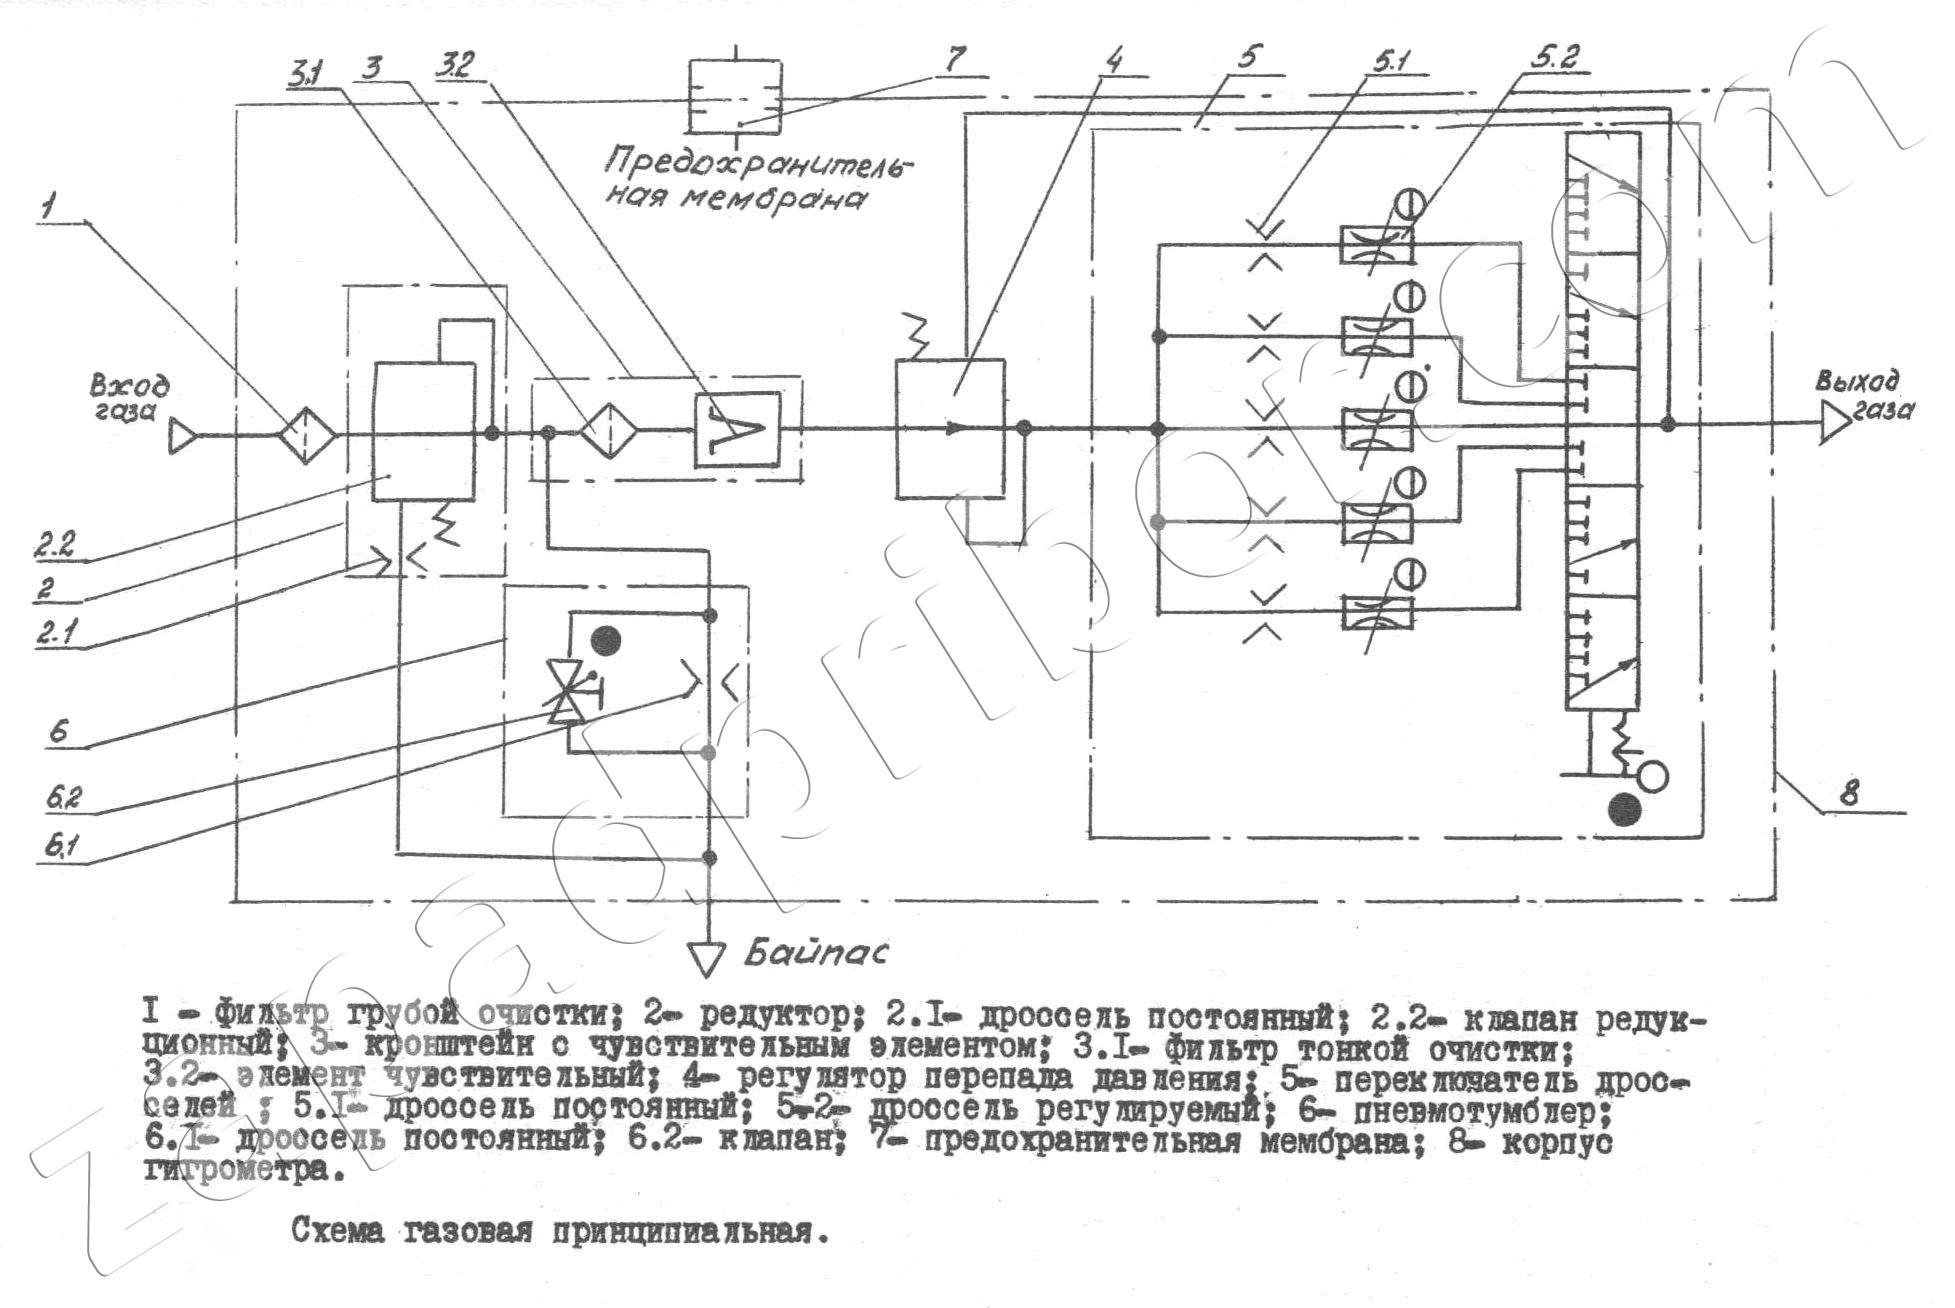 ив-104 электрическая схема